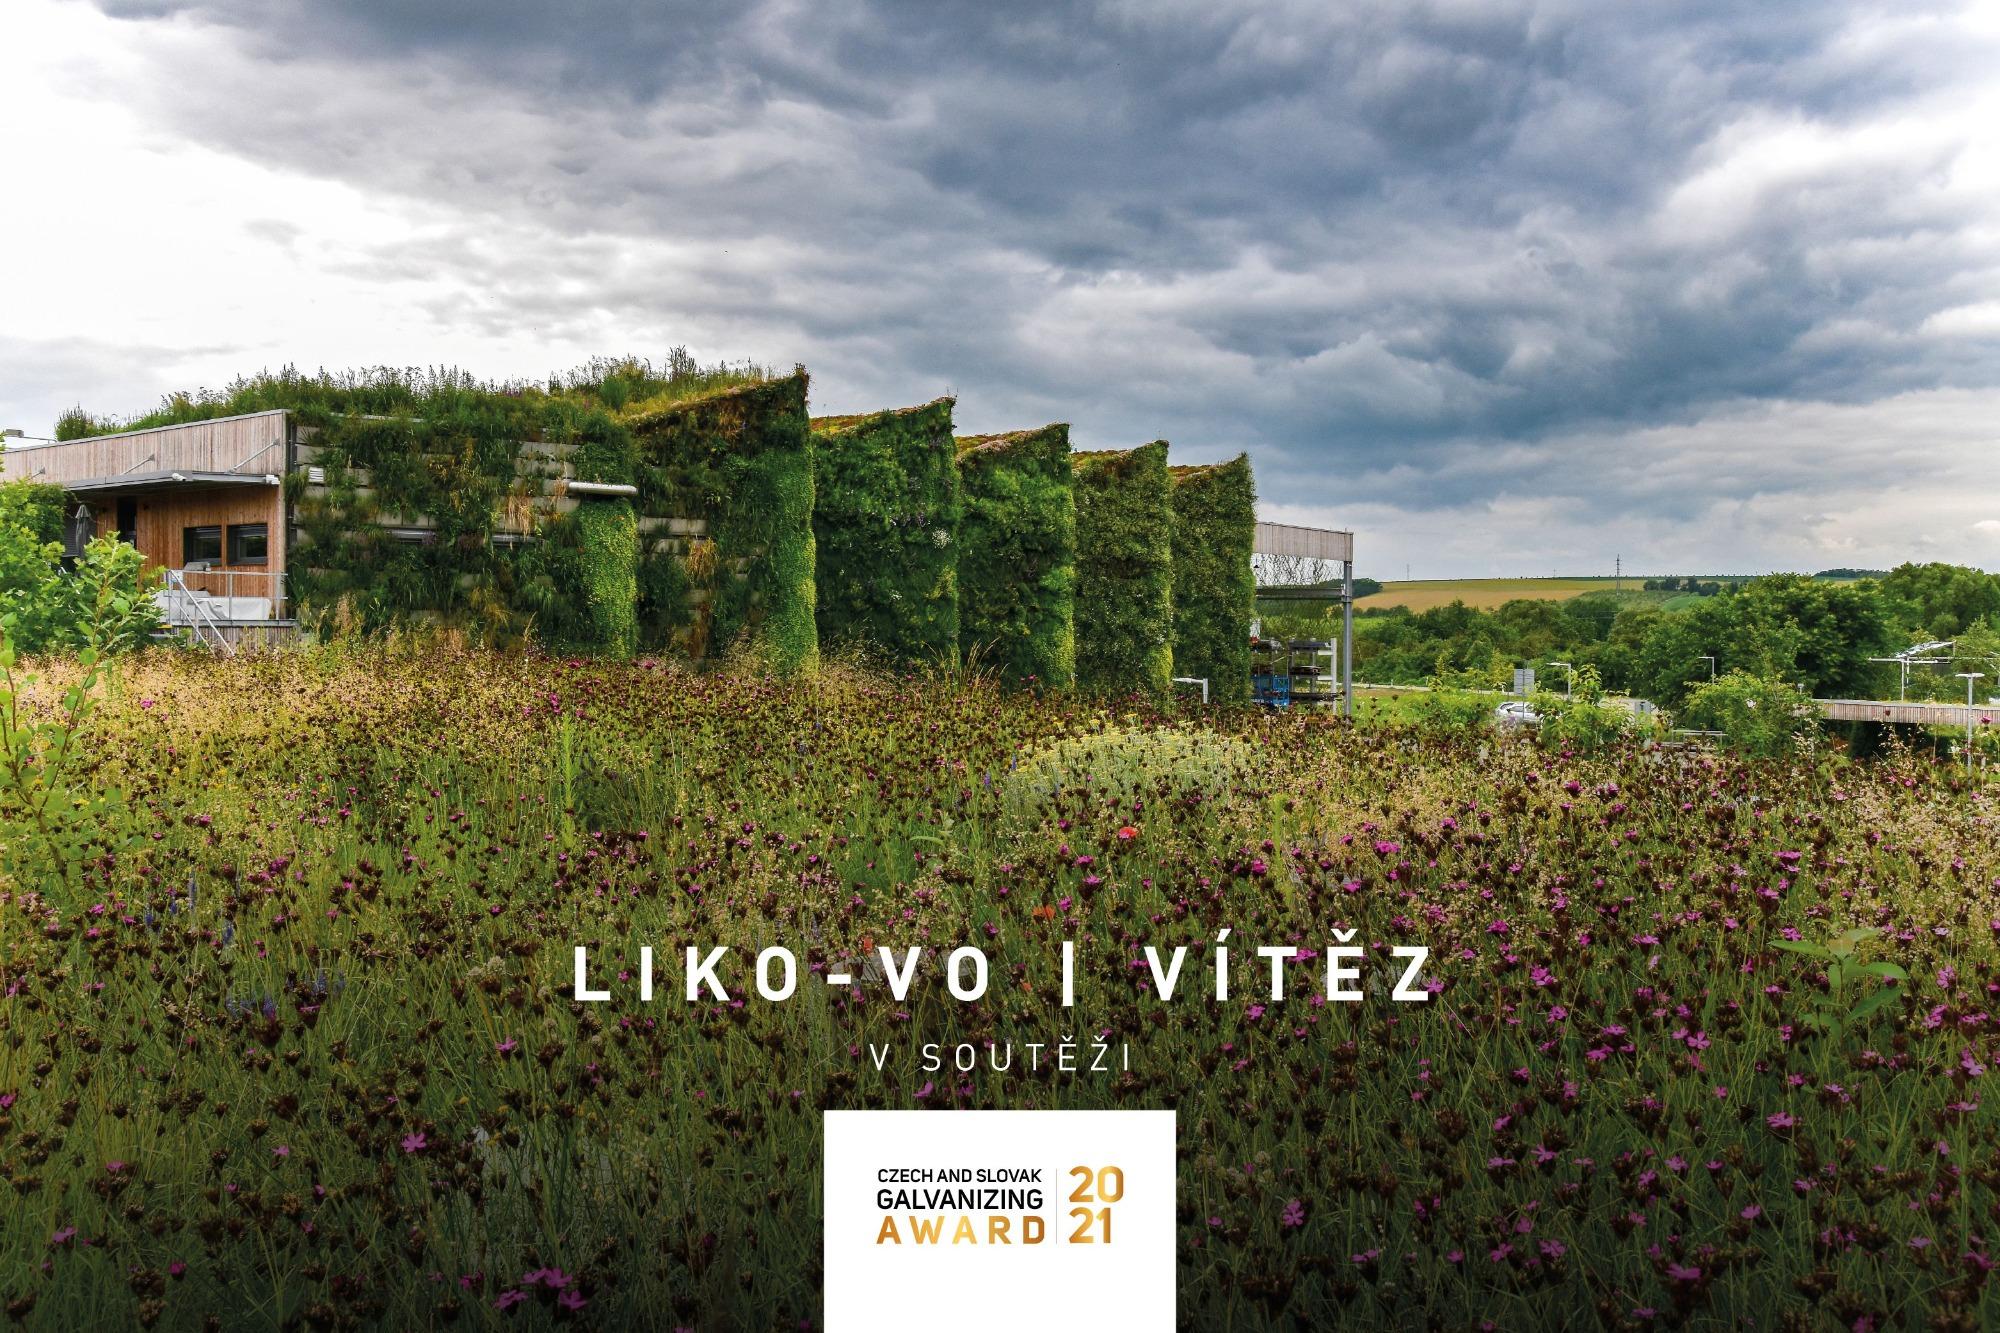 Živá hala LIKO-Vo vítězem Czech and Slovak Galvanizing Award 2021